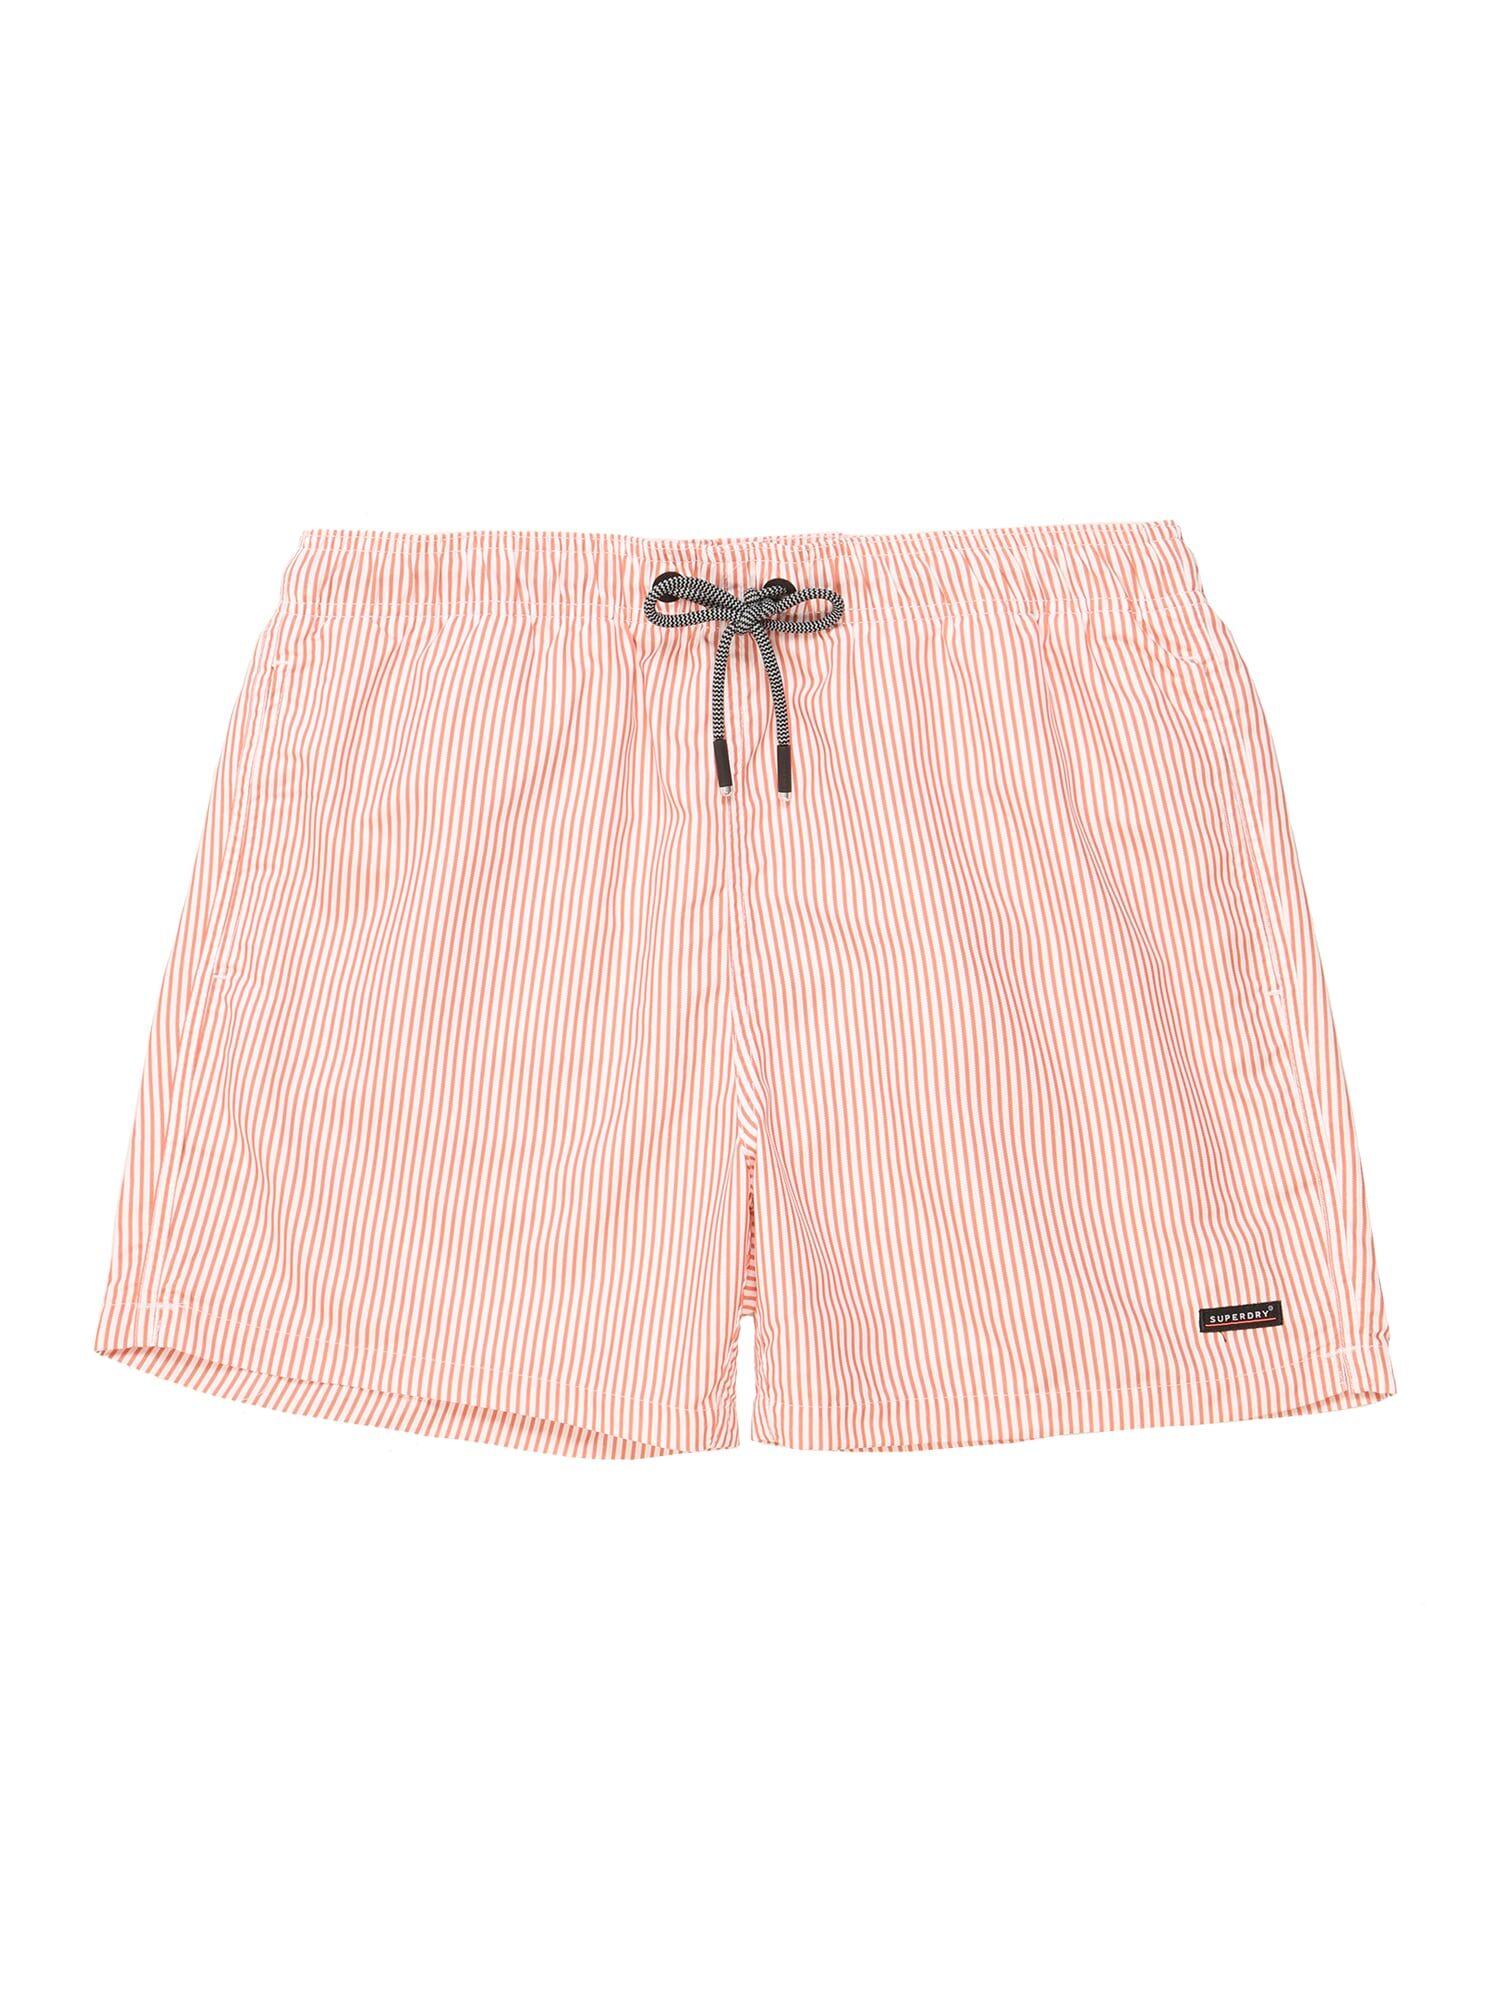 Superdry Shorts de bain  - Orange - Taille: 128 - boy